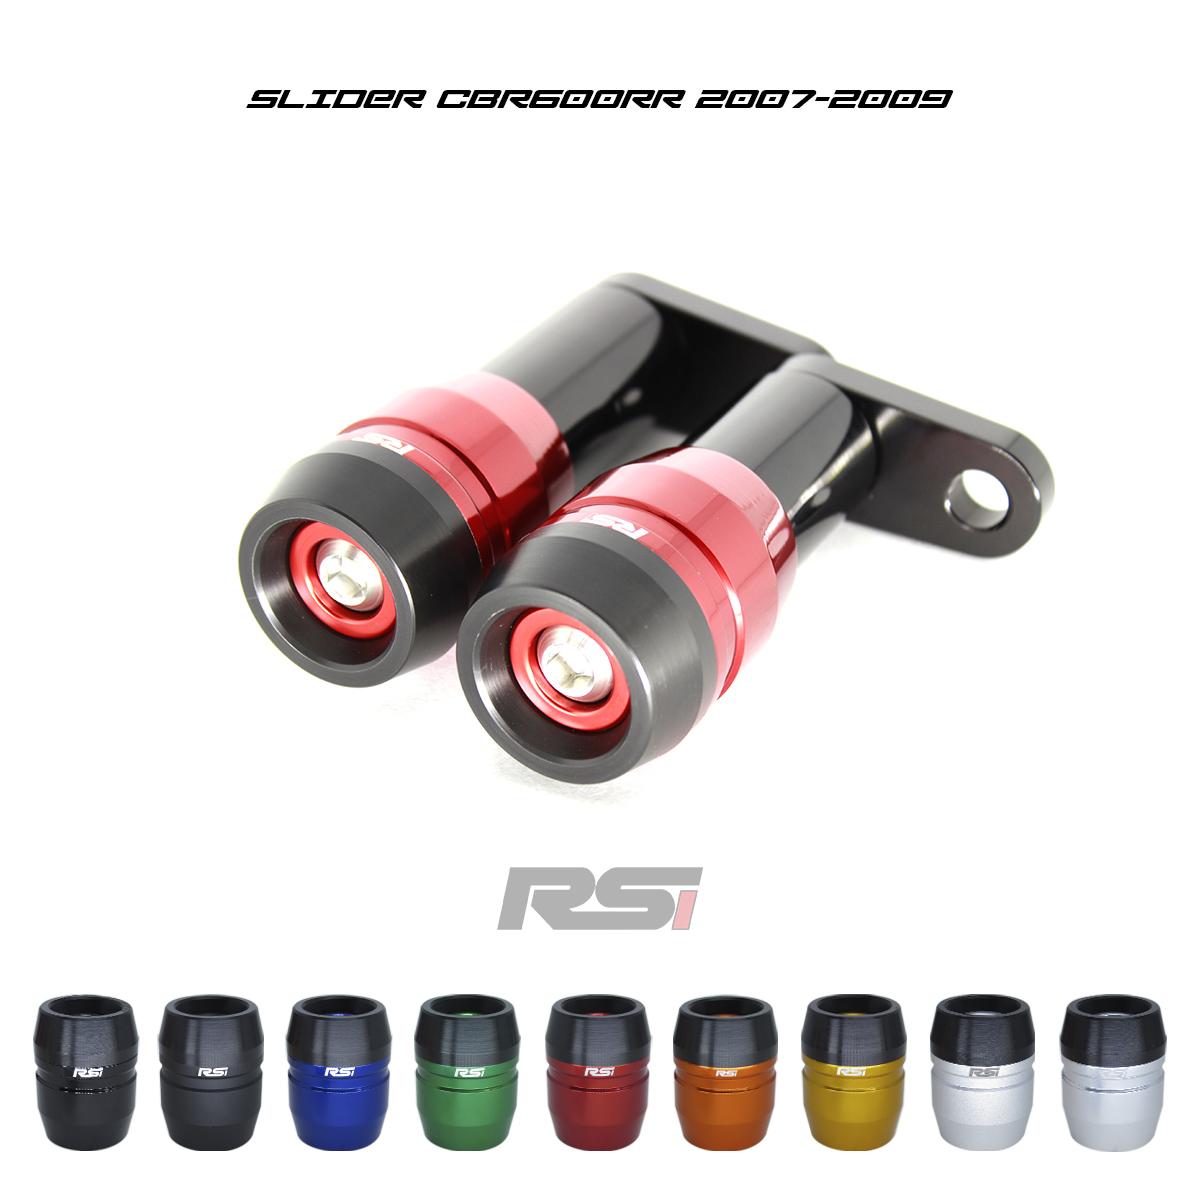 SLIDER CBR600RR 2007-2009